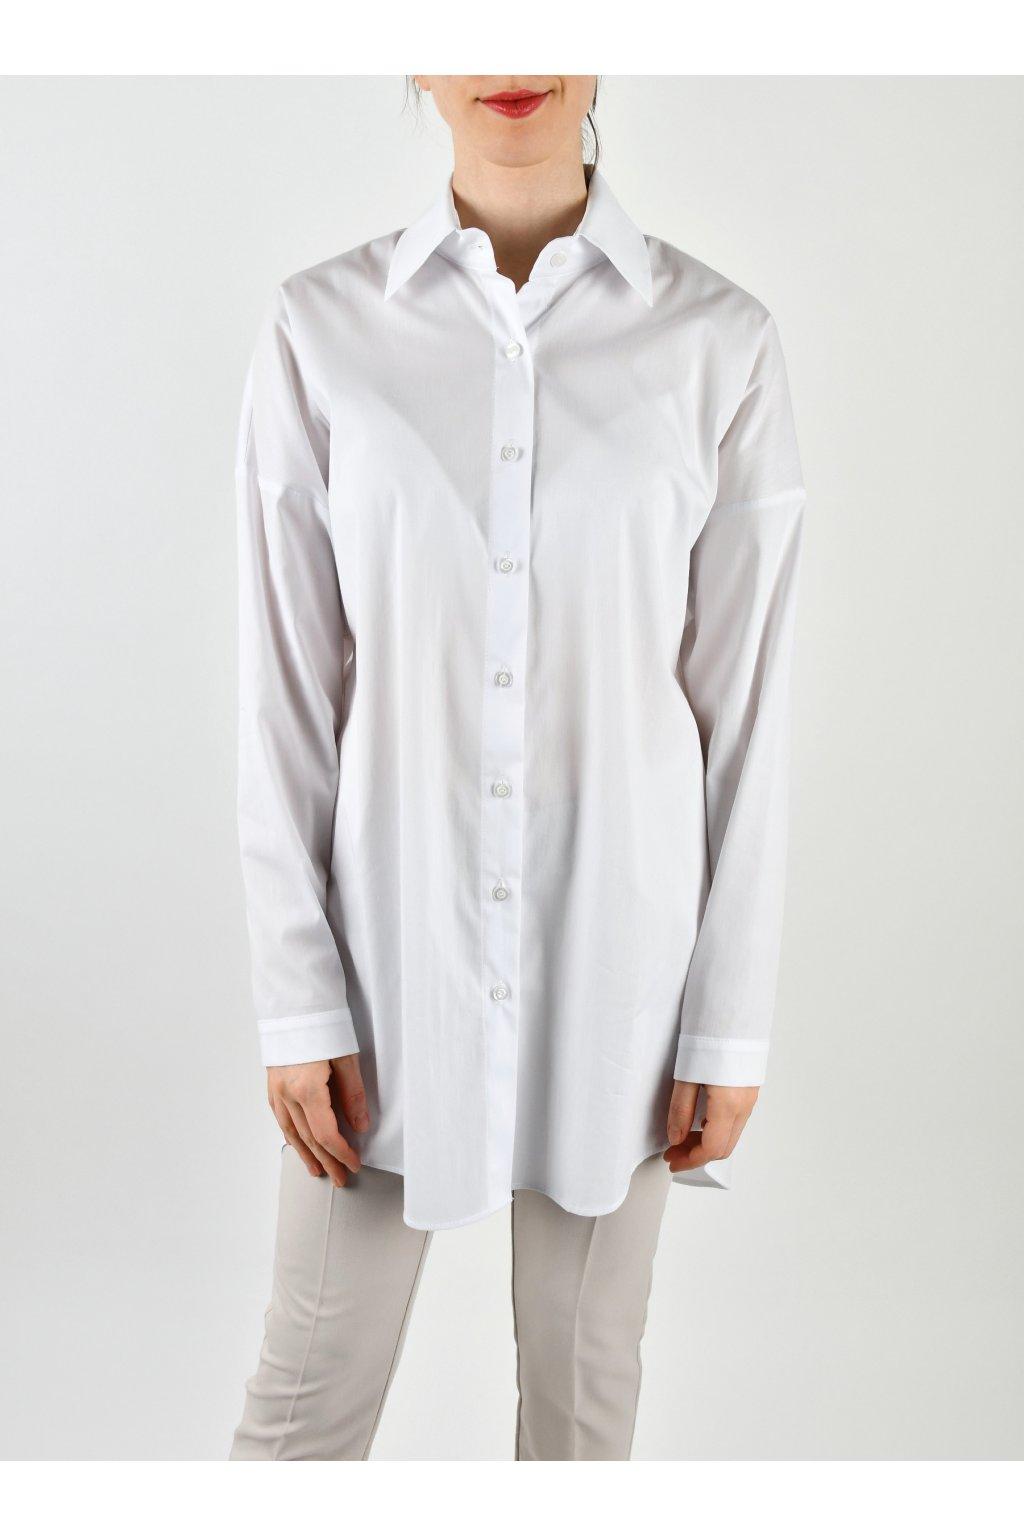 Košeľa voľného strihu - CHERRY